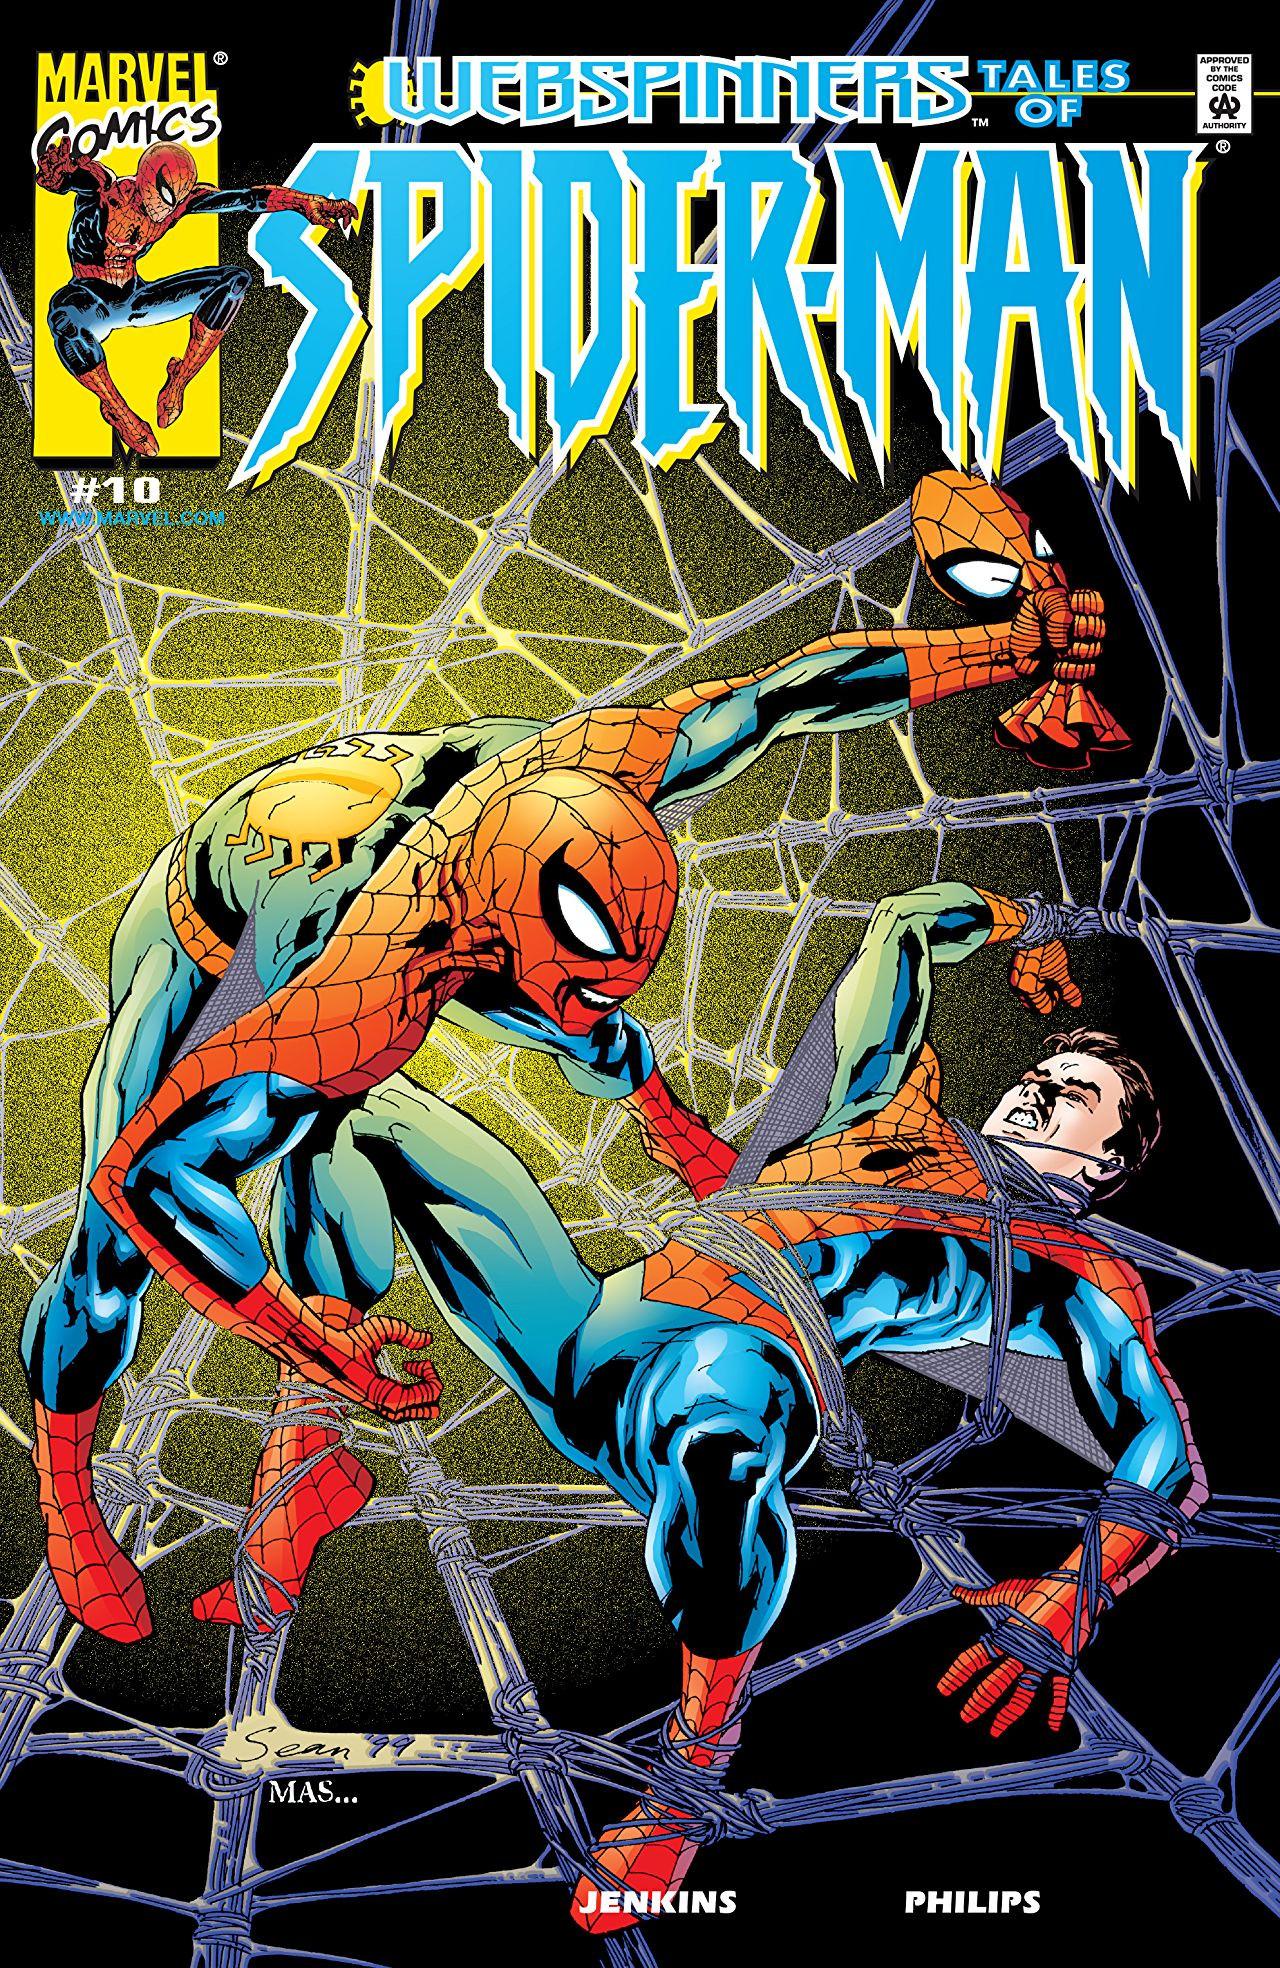 Spider-Man (2016) #10 | Comics | Marvel.com